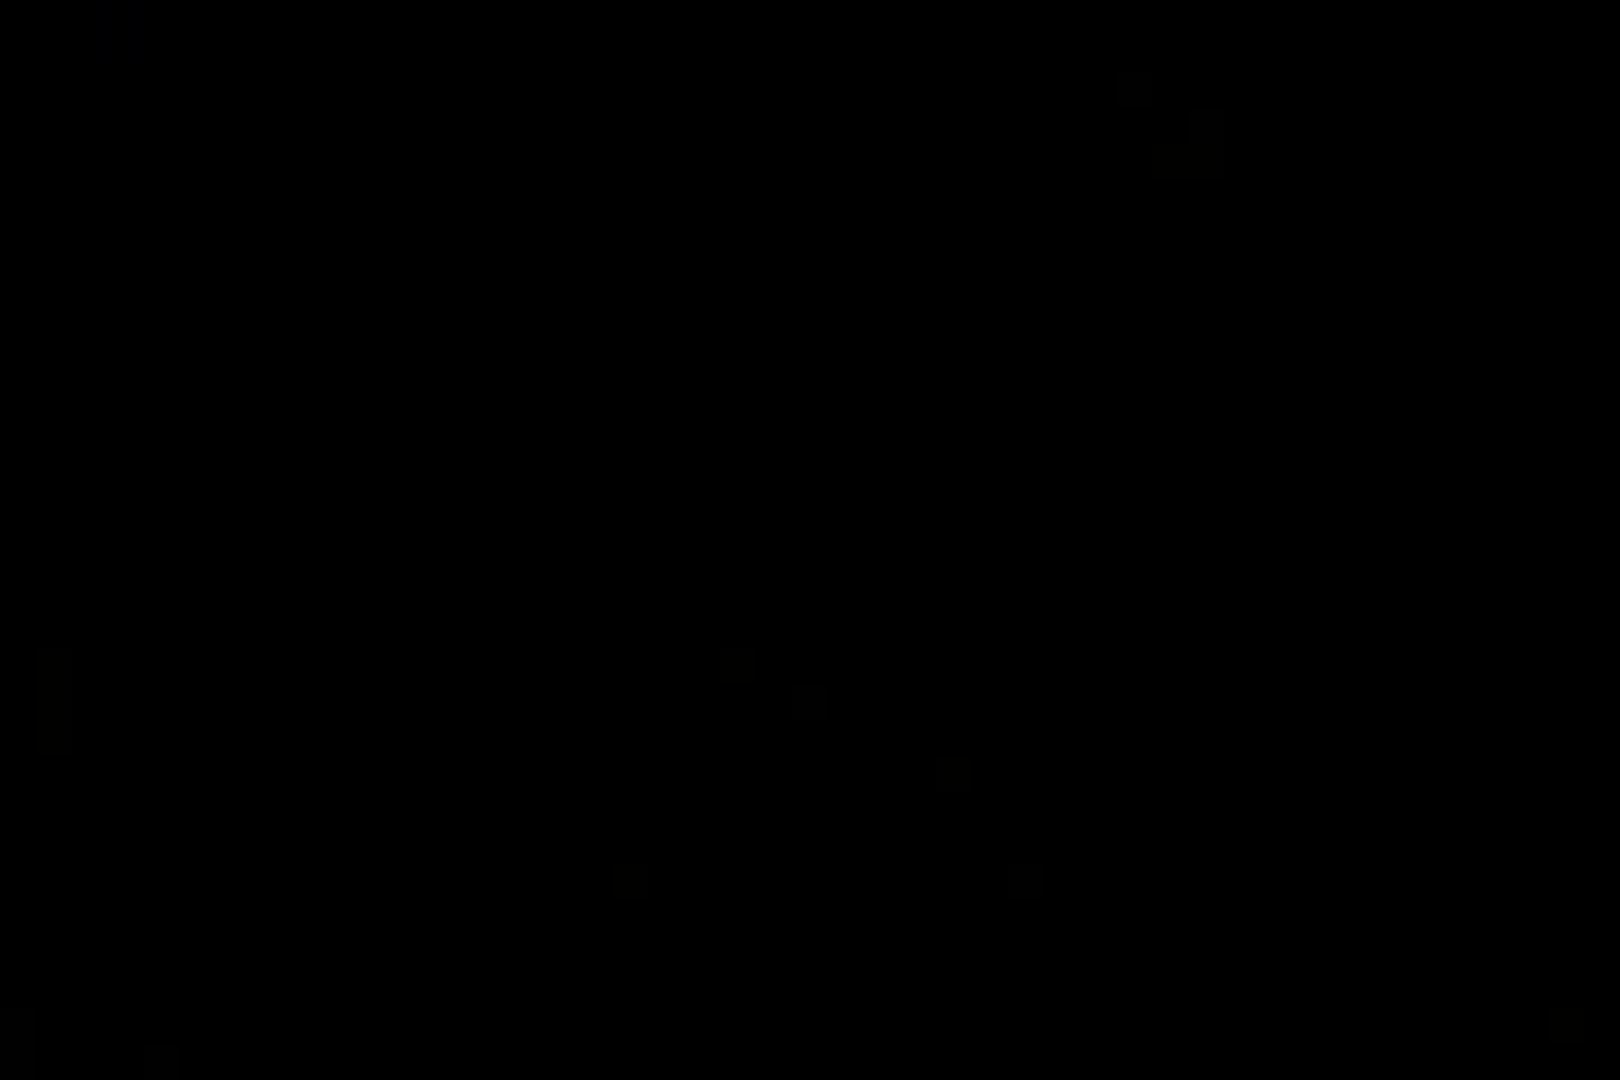 ファンキーな黒人さん!!BLACK POWER 01 肛門中出し ゲイエロ画像 70枚 55